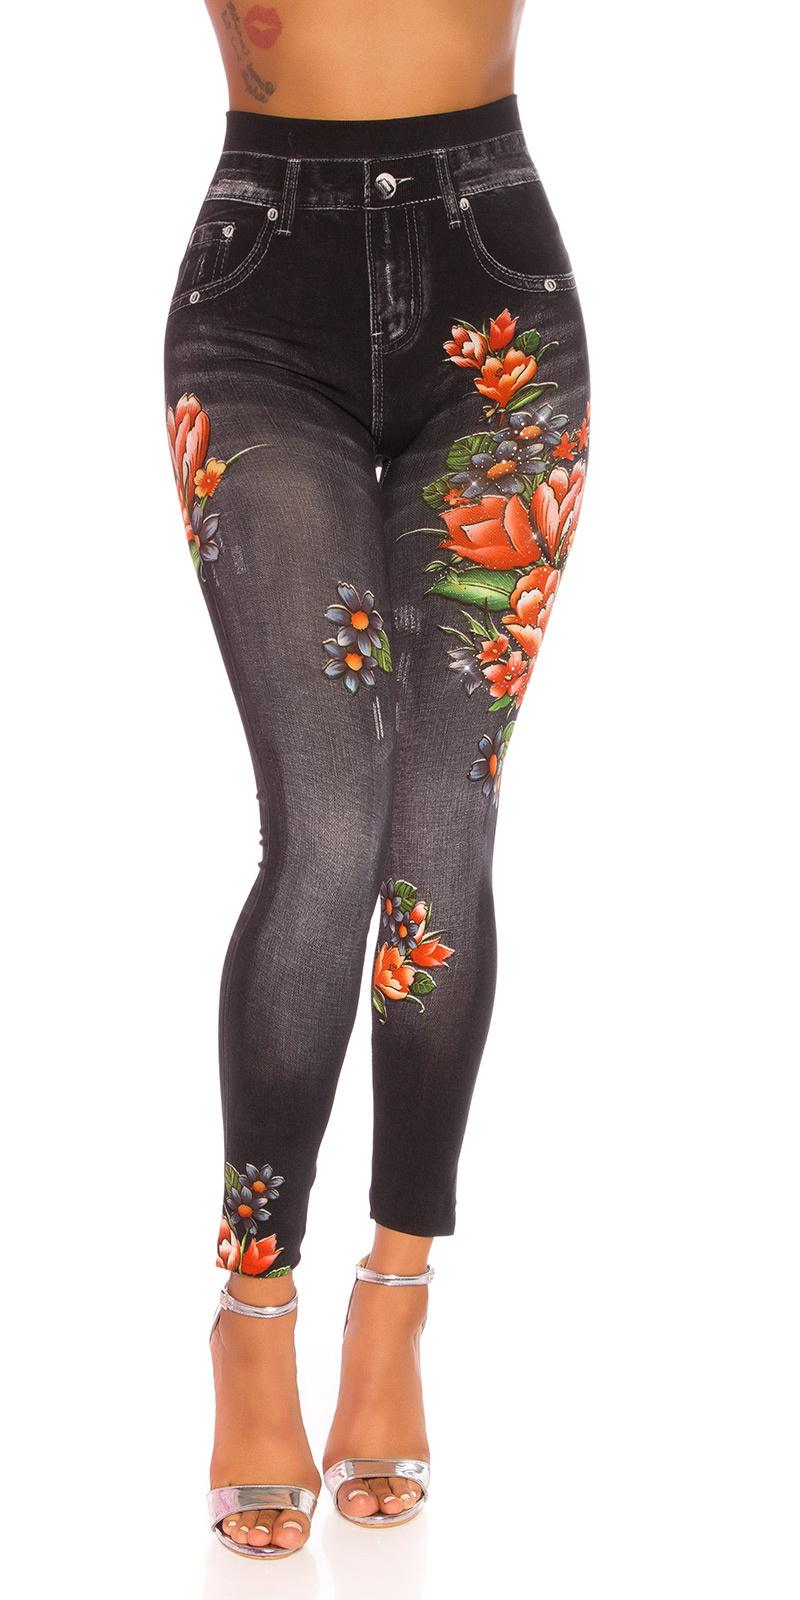 Sexy hoge taille jeggings met bloemen-print zwart